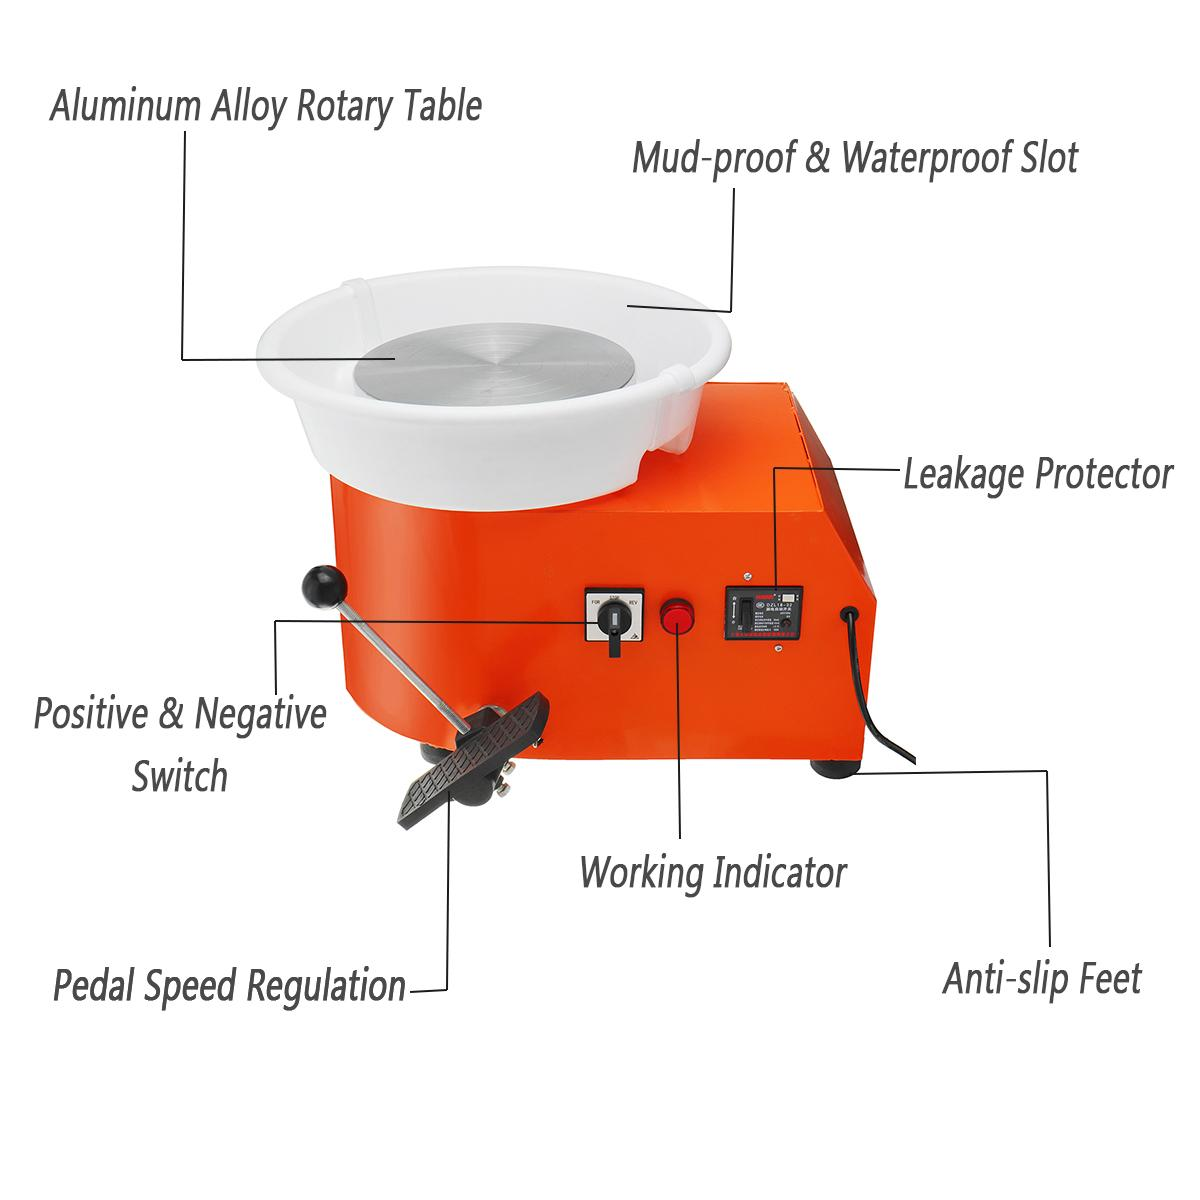 110/220 V 350 W poterie roue détachable Machine en céramique travail argile artisanat Art pied pédale US/AU/EU Plug Flexible détachable lisse - 4